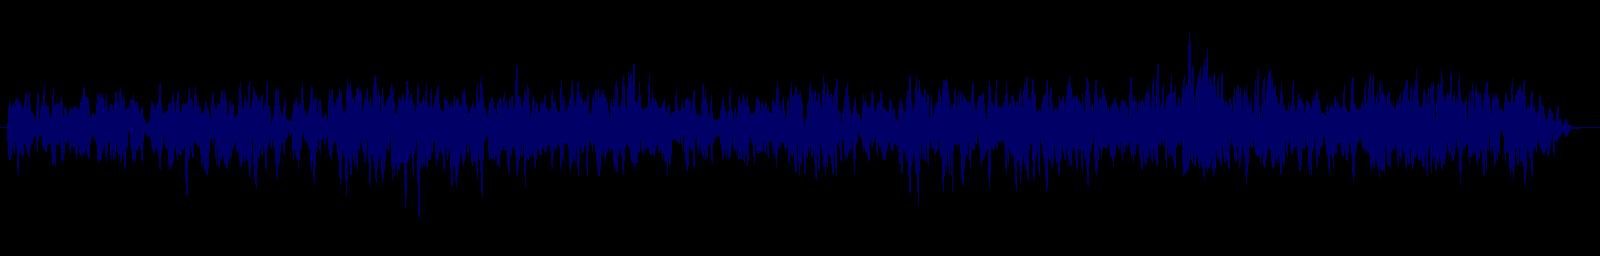 waveform of track #125502